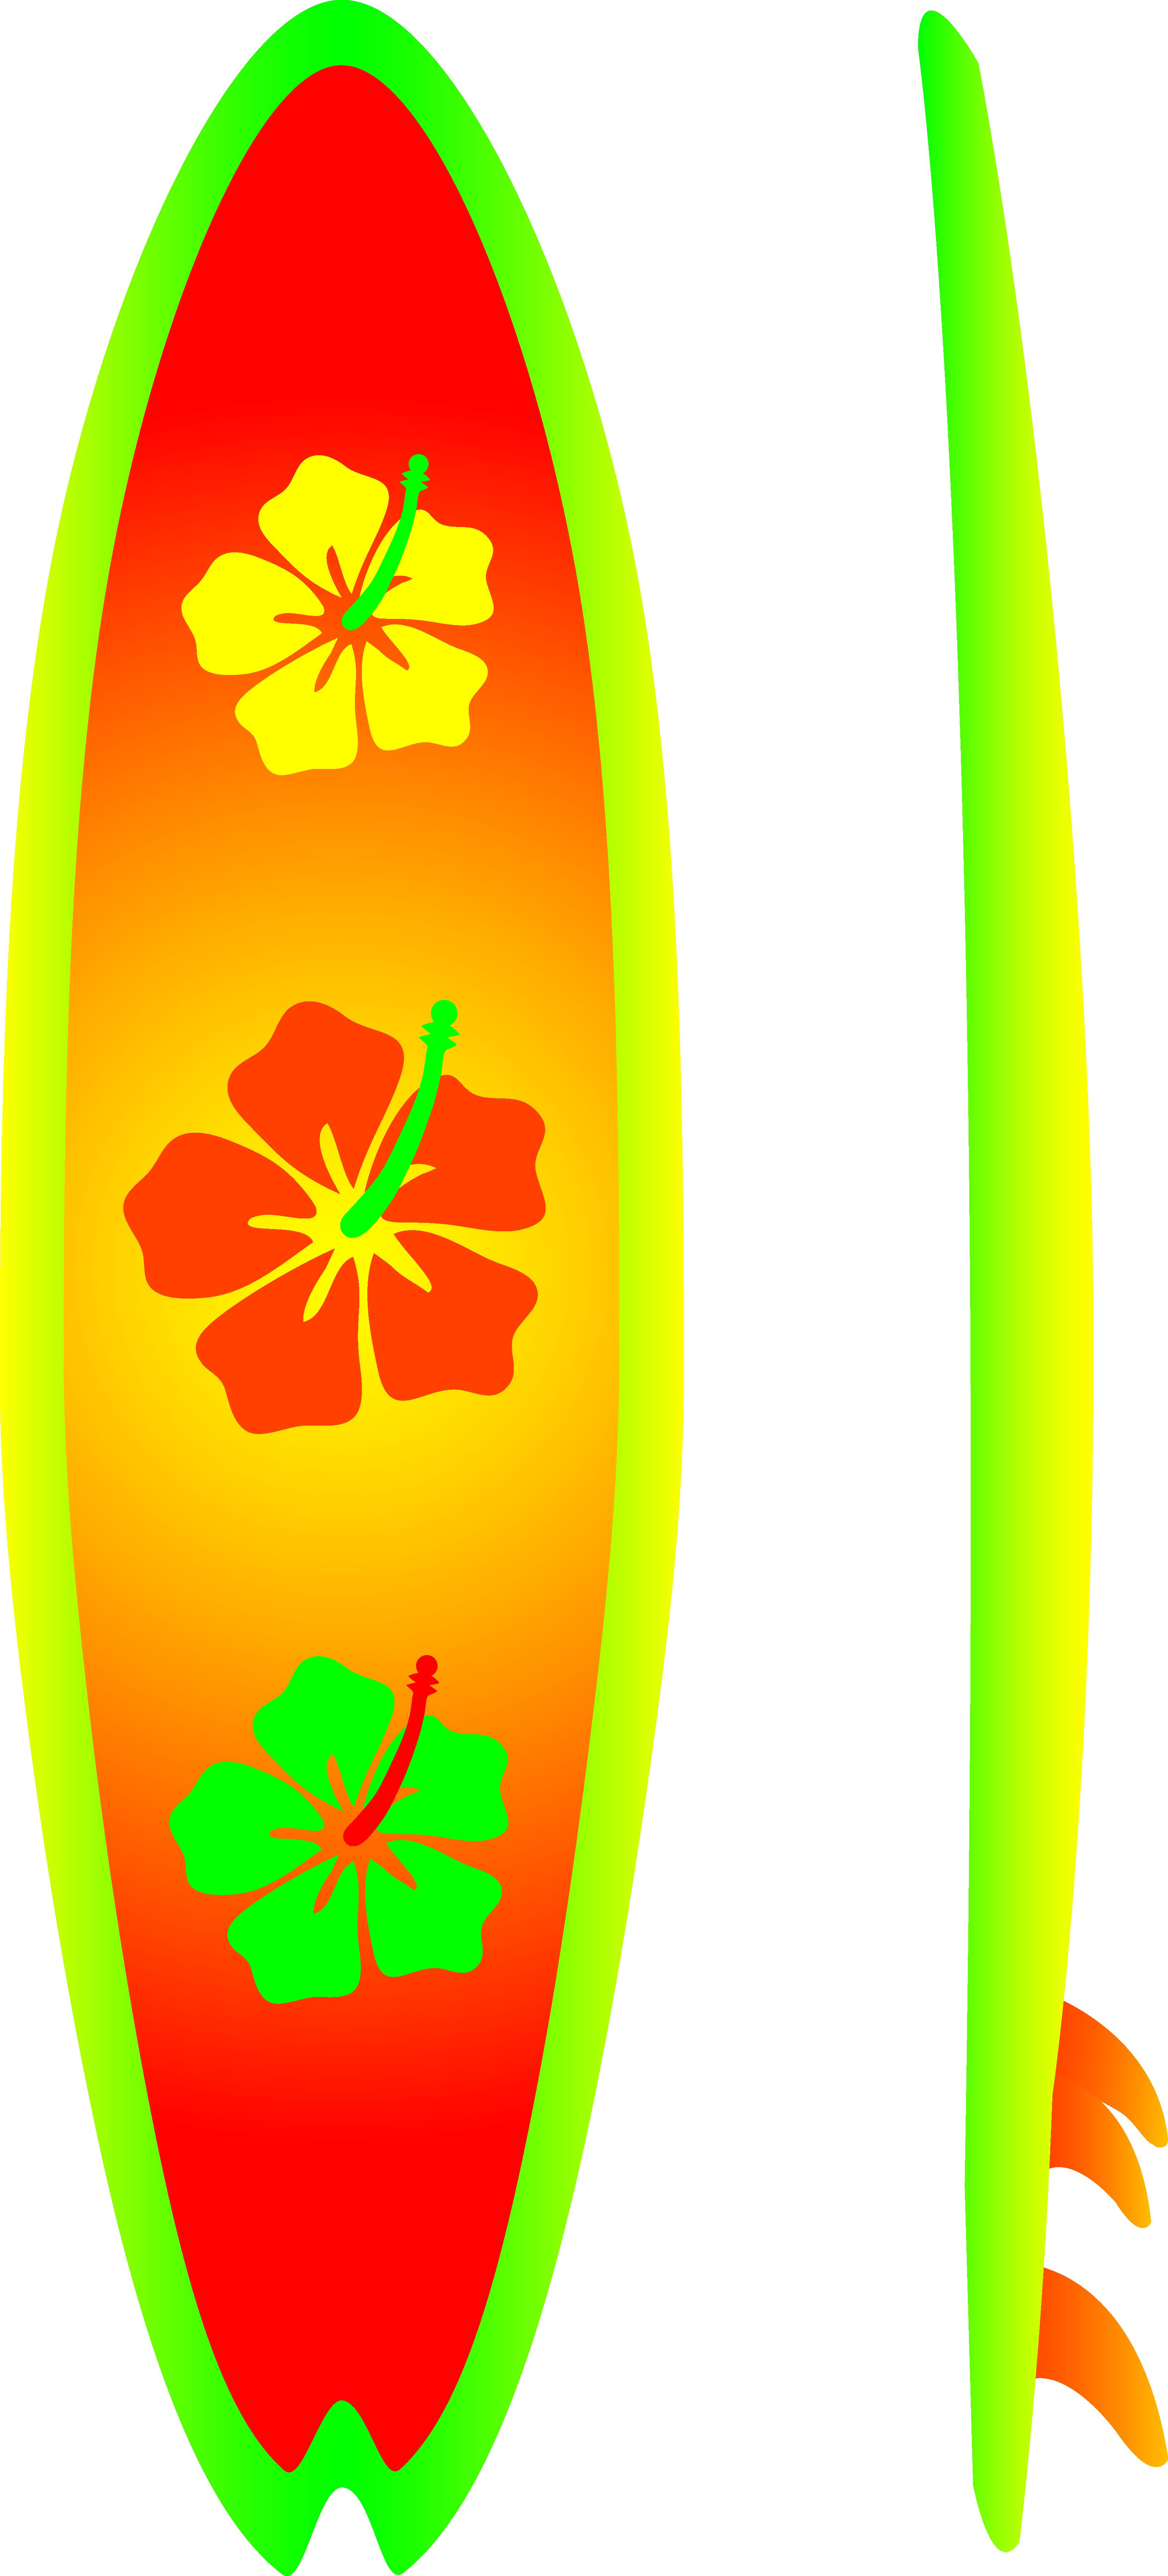 Clip Art Surfboard Clipart surfboard clip art free clipart panda images clipart